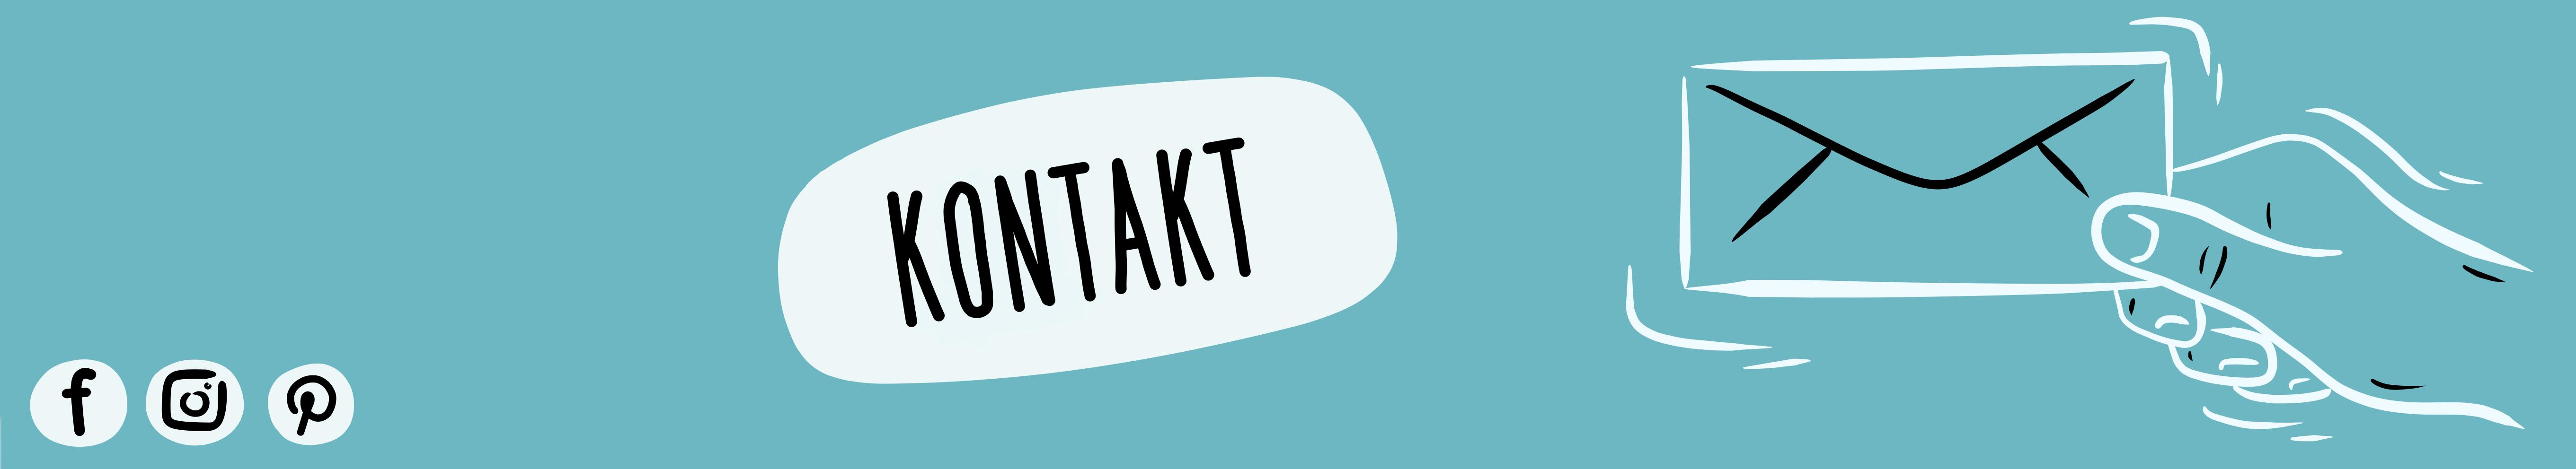 Headerbild Kontakt | handundstift.de - Der kreative Blog rund um digitale Illustration aus Potsdam